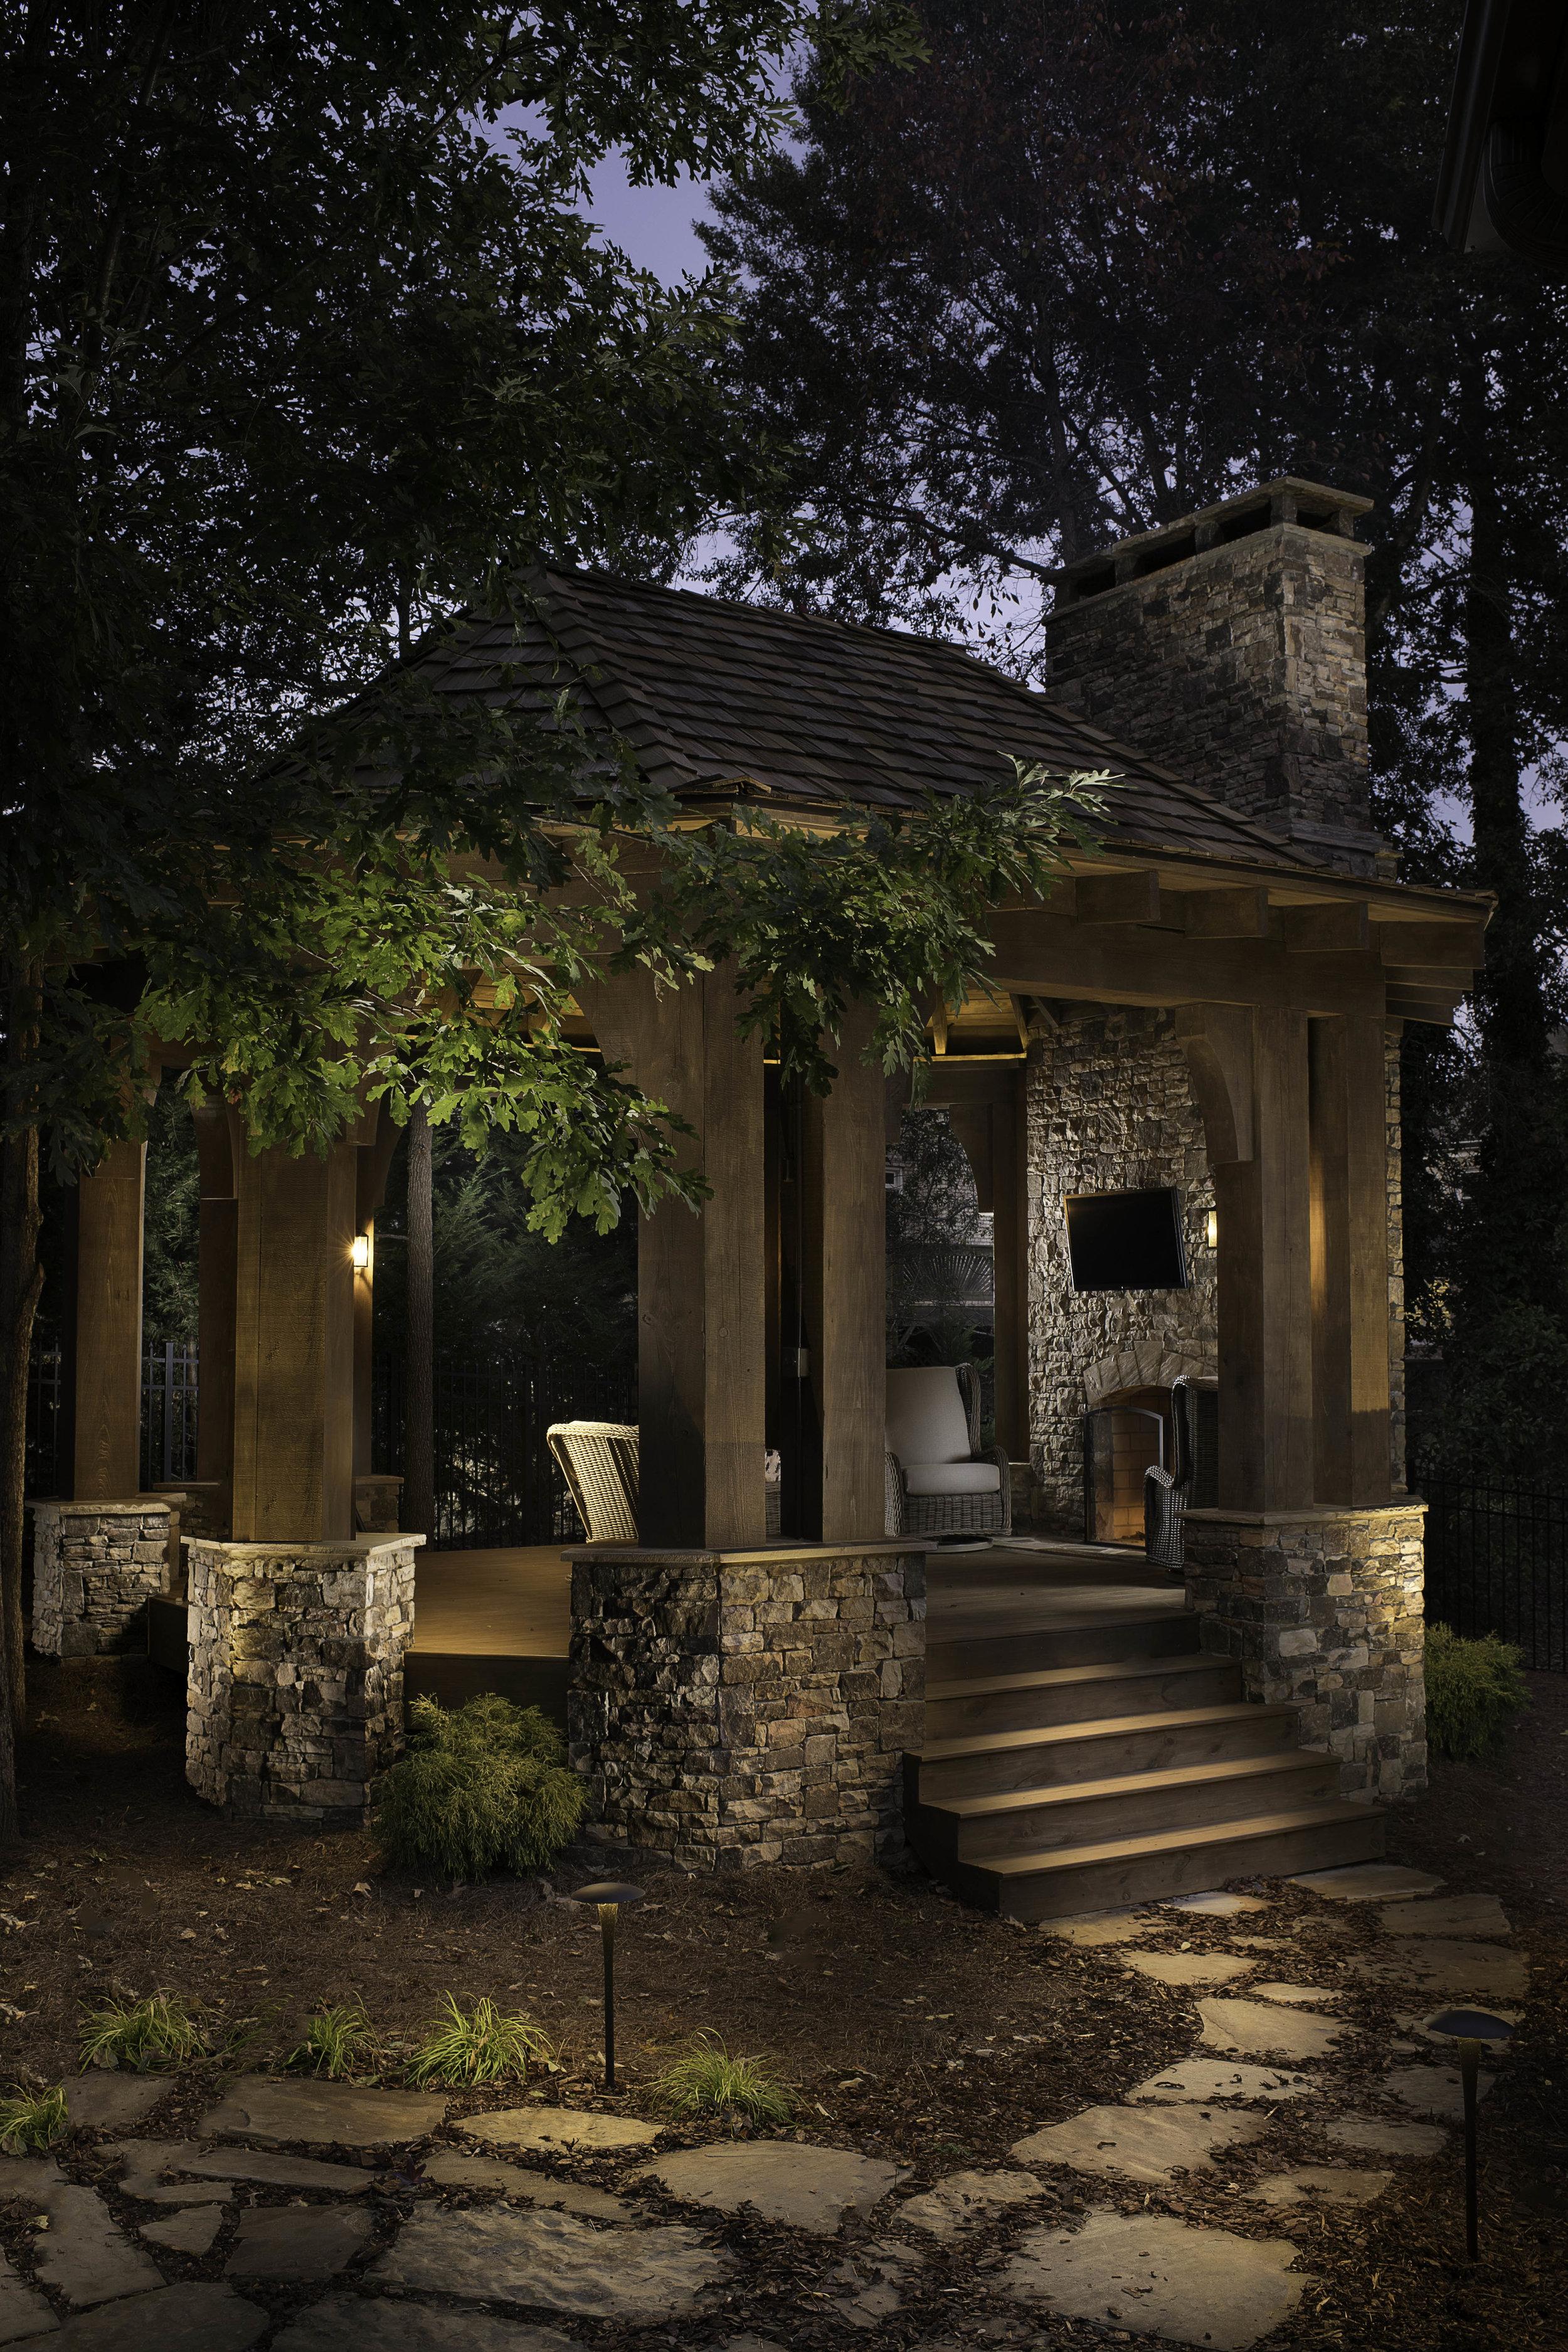 Private Residential Gazebo, Atlanta, GA